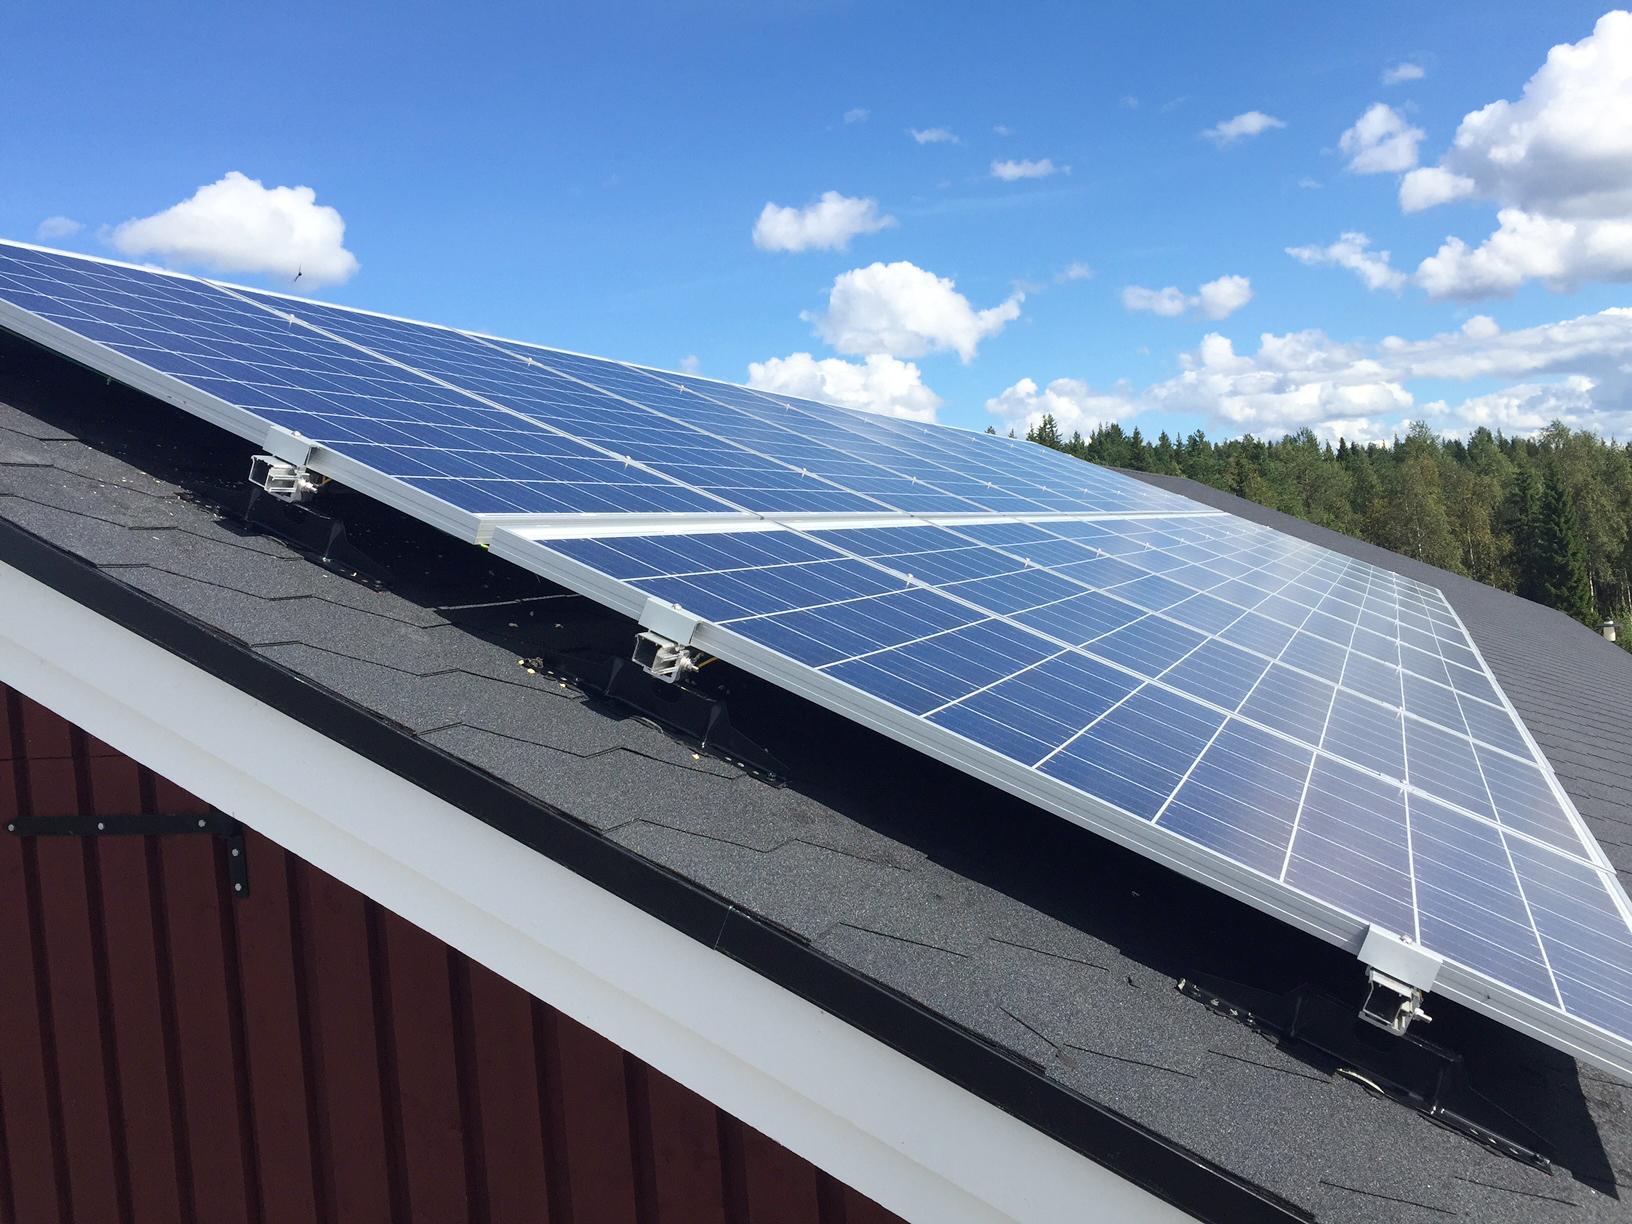 Pohjois-Suomen Tekniikkapalvelu Oy